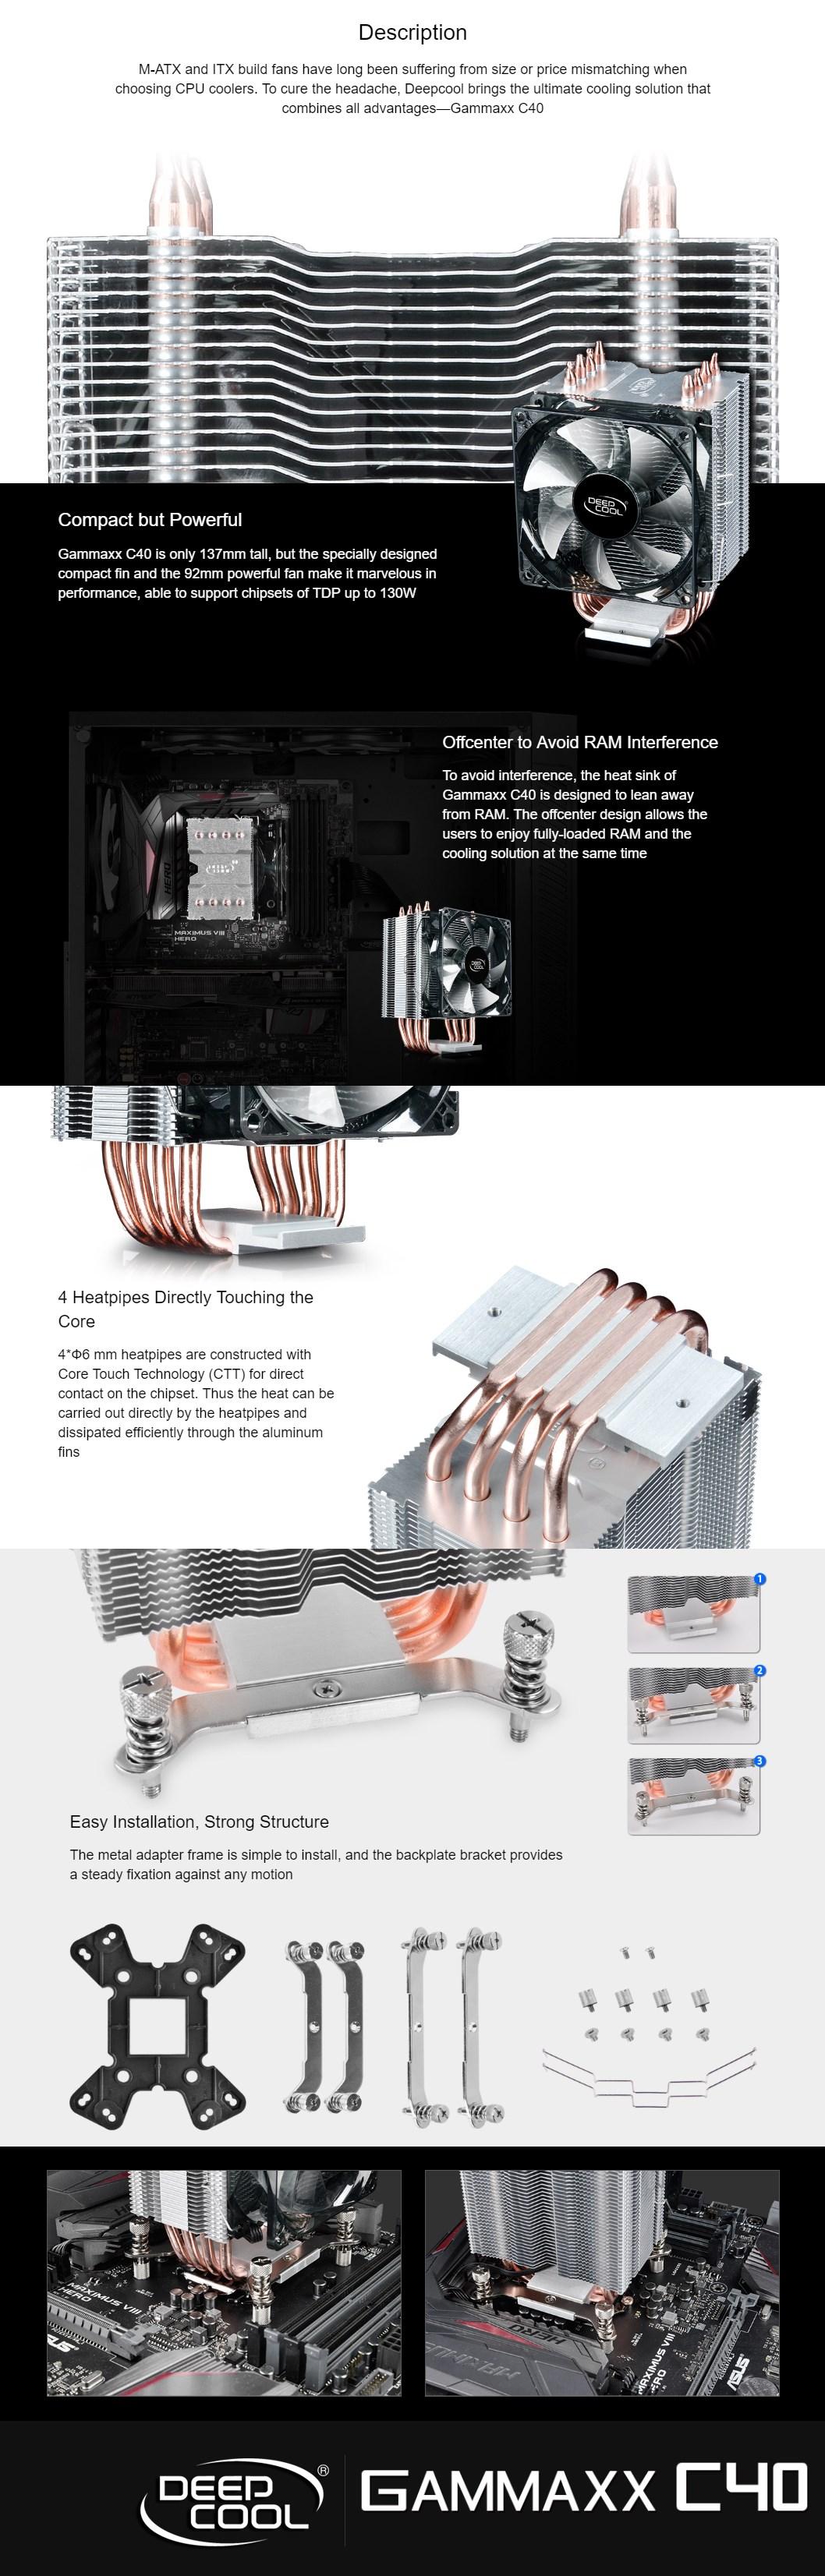 Deepcool Gammaxx C40 Multi-Socket CPU Cooler - Desktop Overview 2